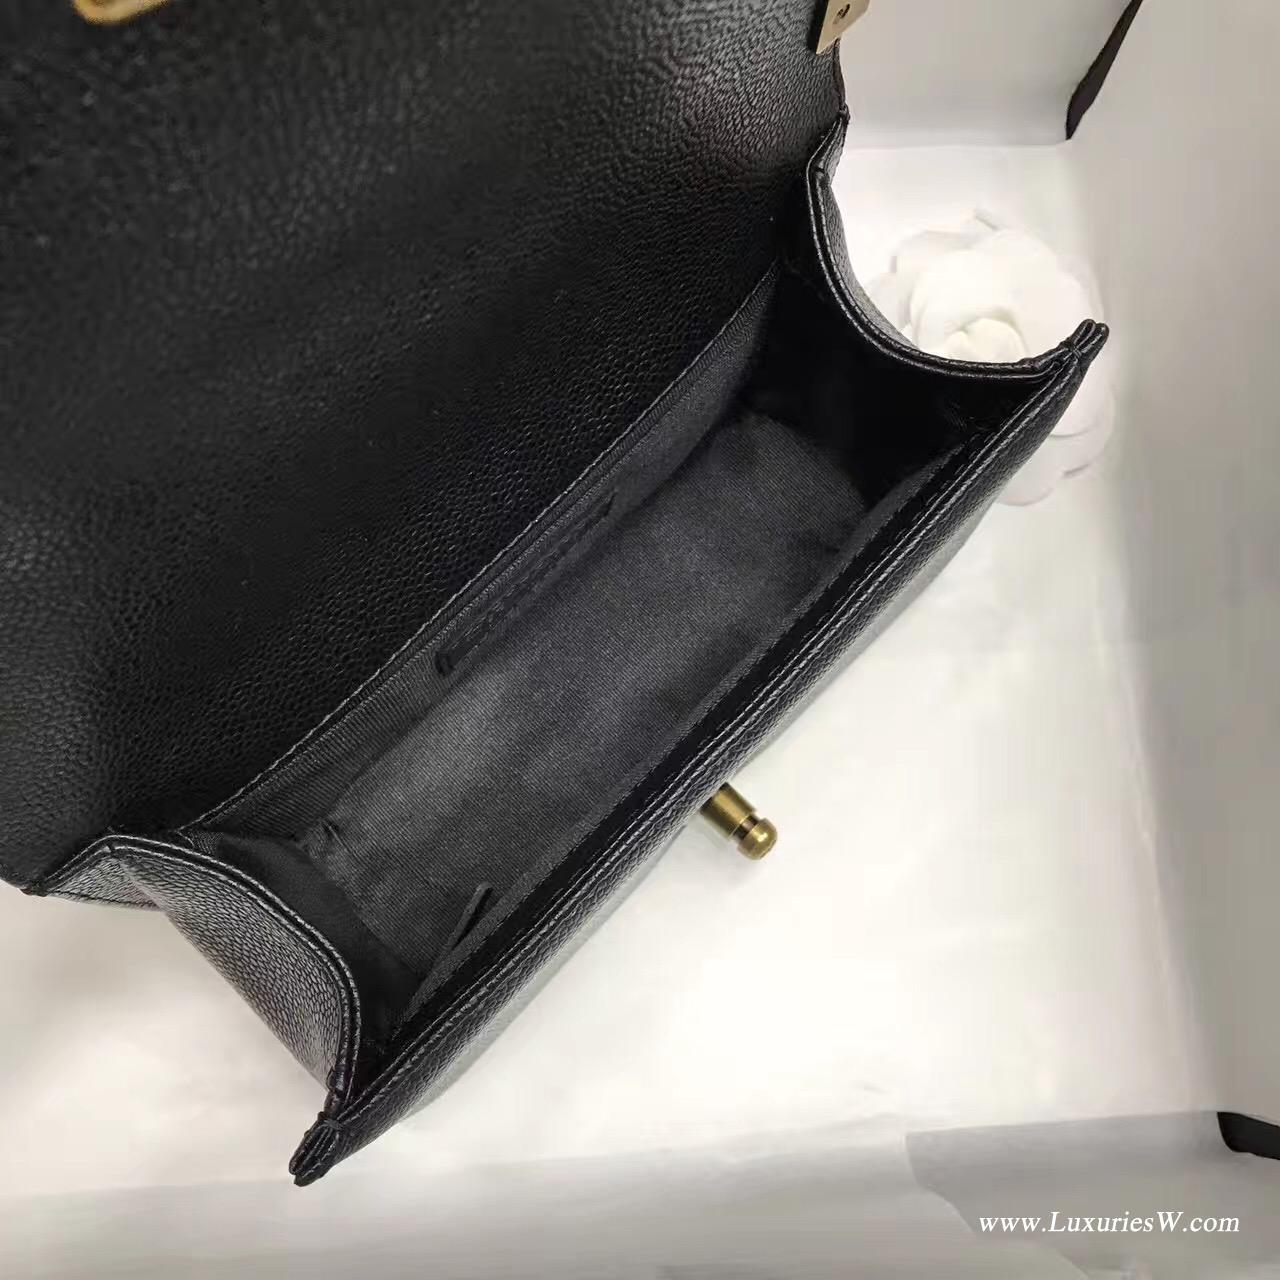 小香小號Leboy bag20CM 口蓋包 黑色魚子醬 顆粒壓花小牛皮與金色